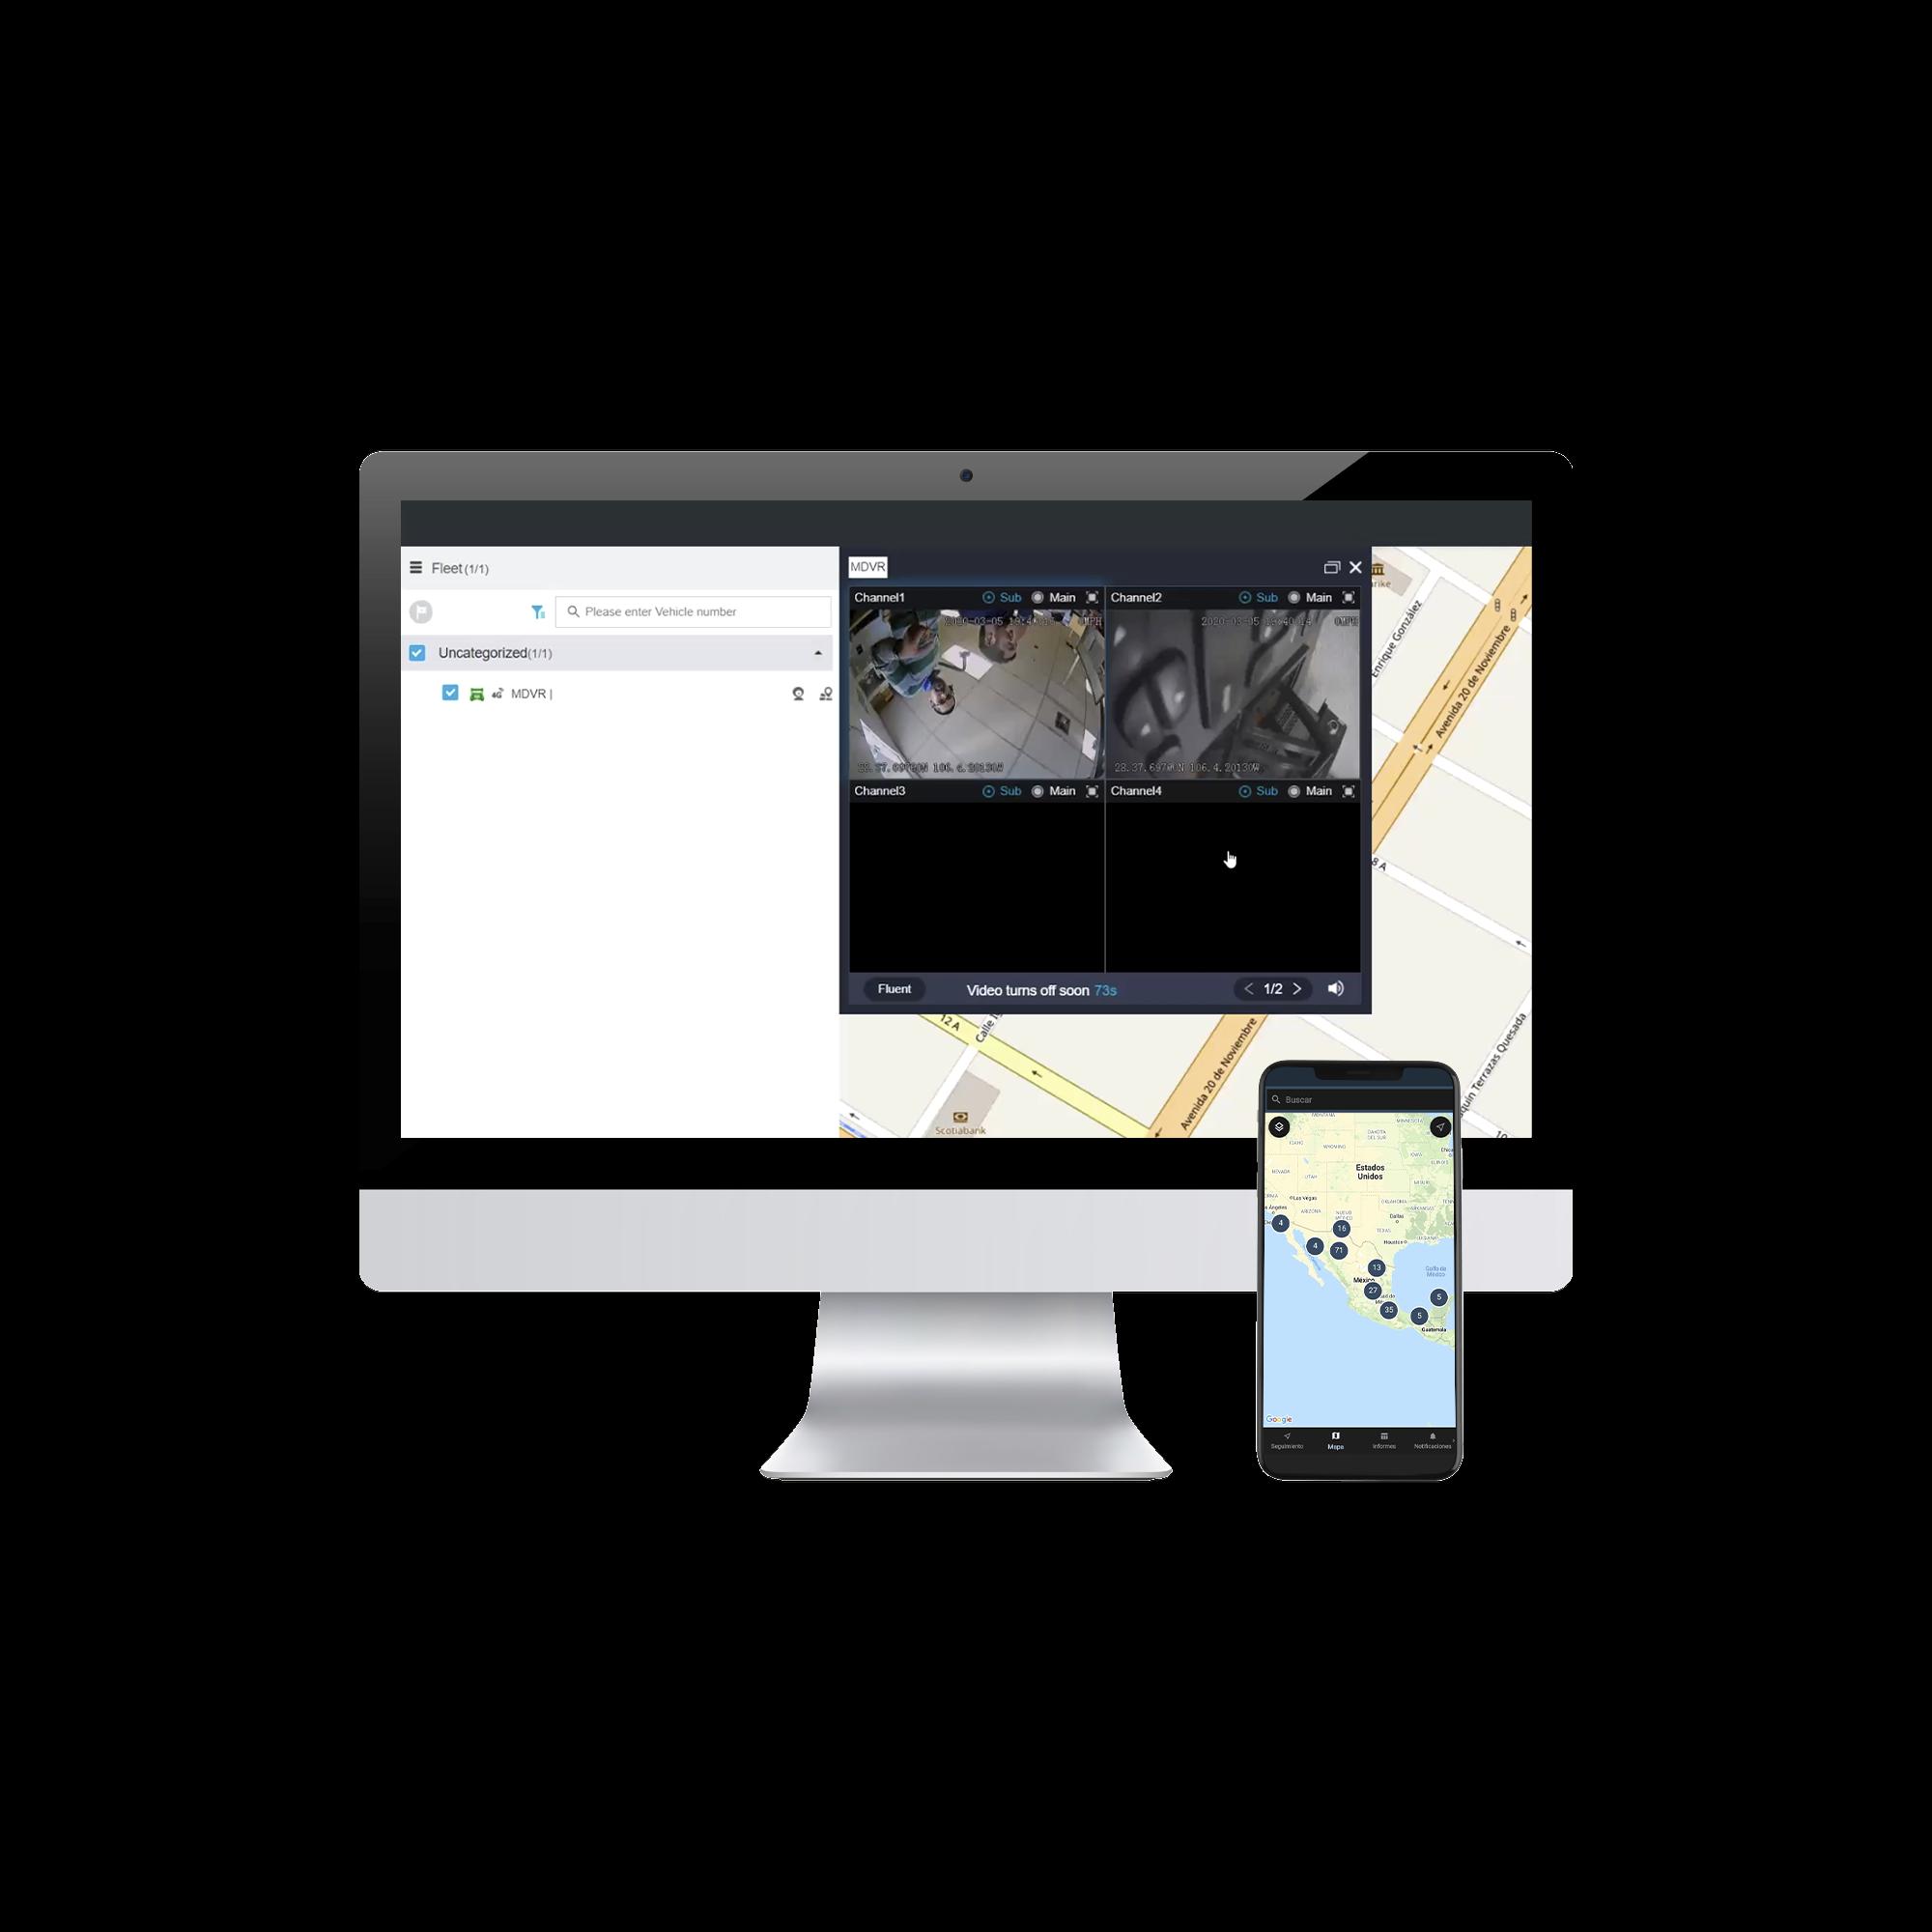 Plataforma Avanzada para Logistica, Rastreo GPS, VIDEO Movil y IoT / Anualidad (Licencia para 1 localizador GPS/DVR Movil)